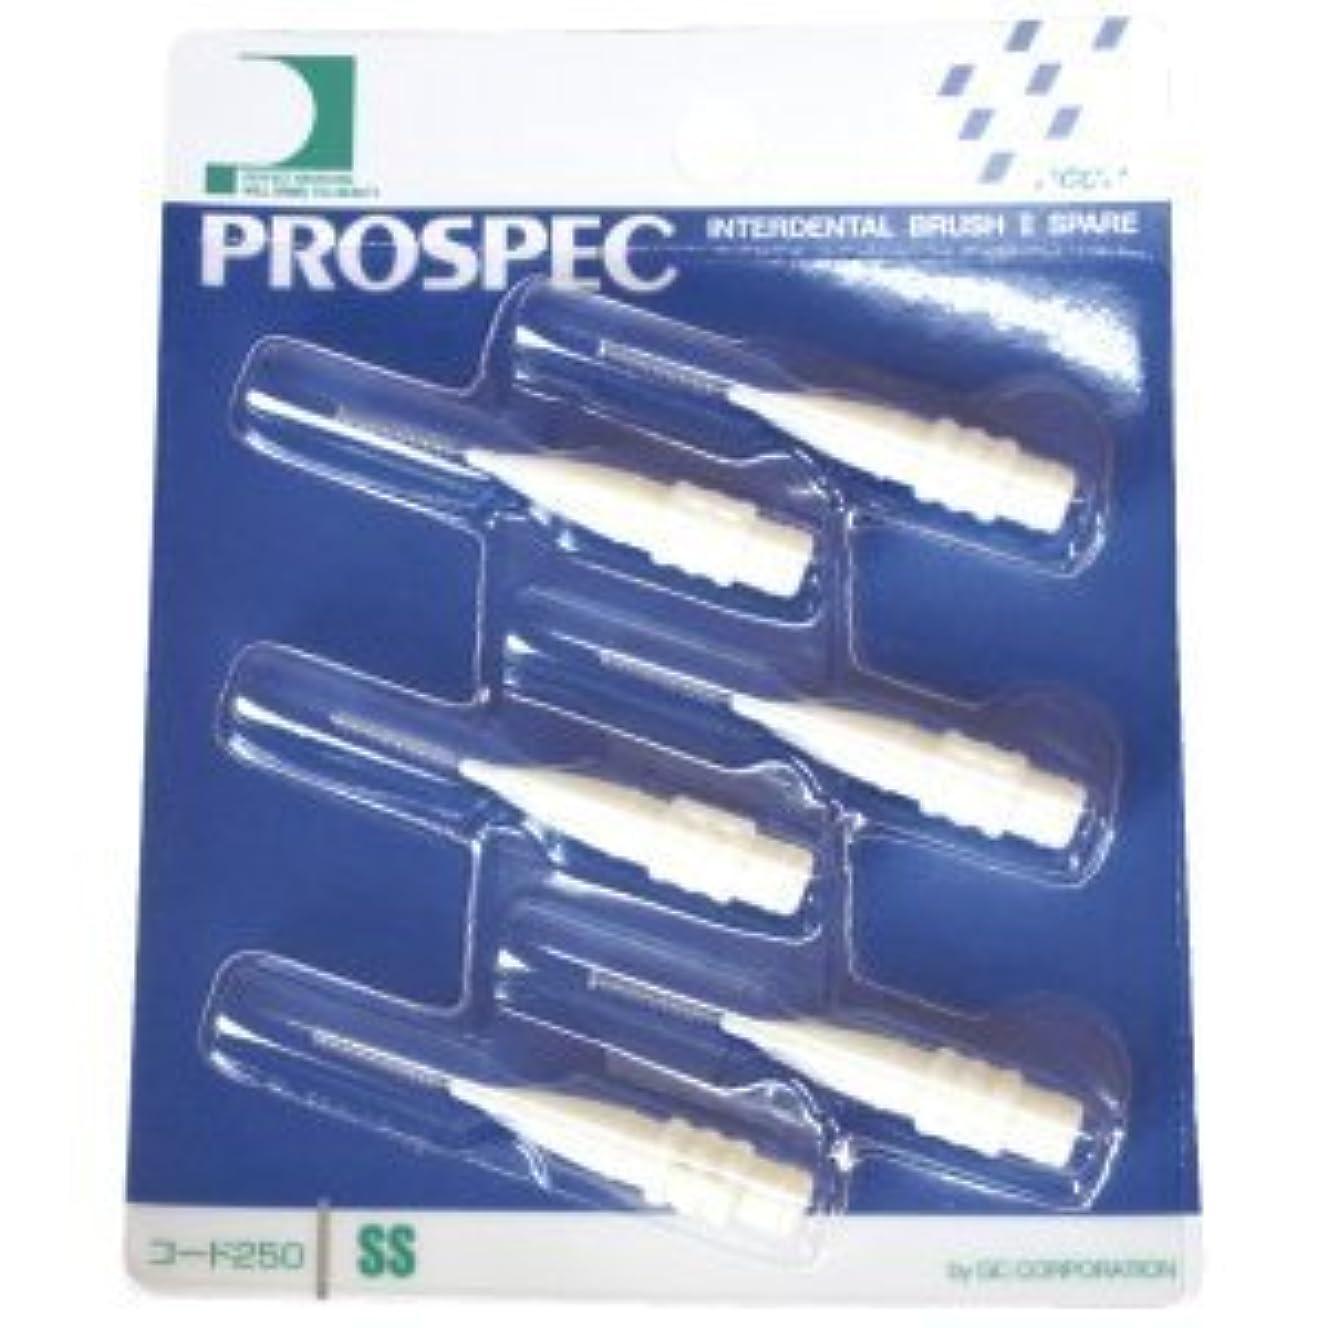 移動分類思いやりのあるプロスペック 歯間ブラシII スペアー/SS/1パック(6本入り)